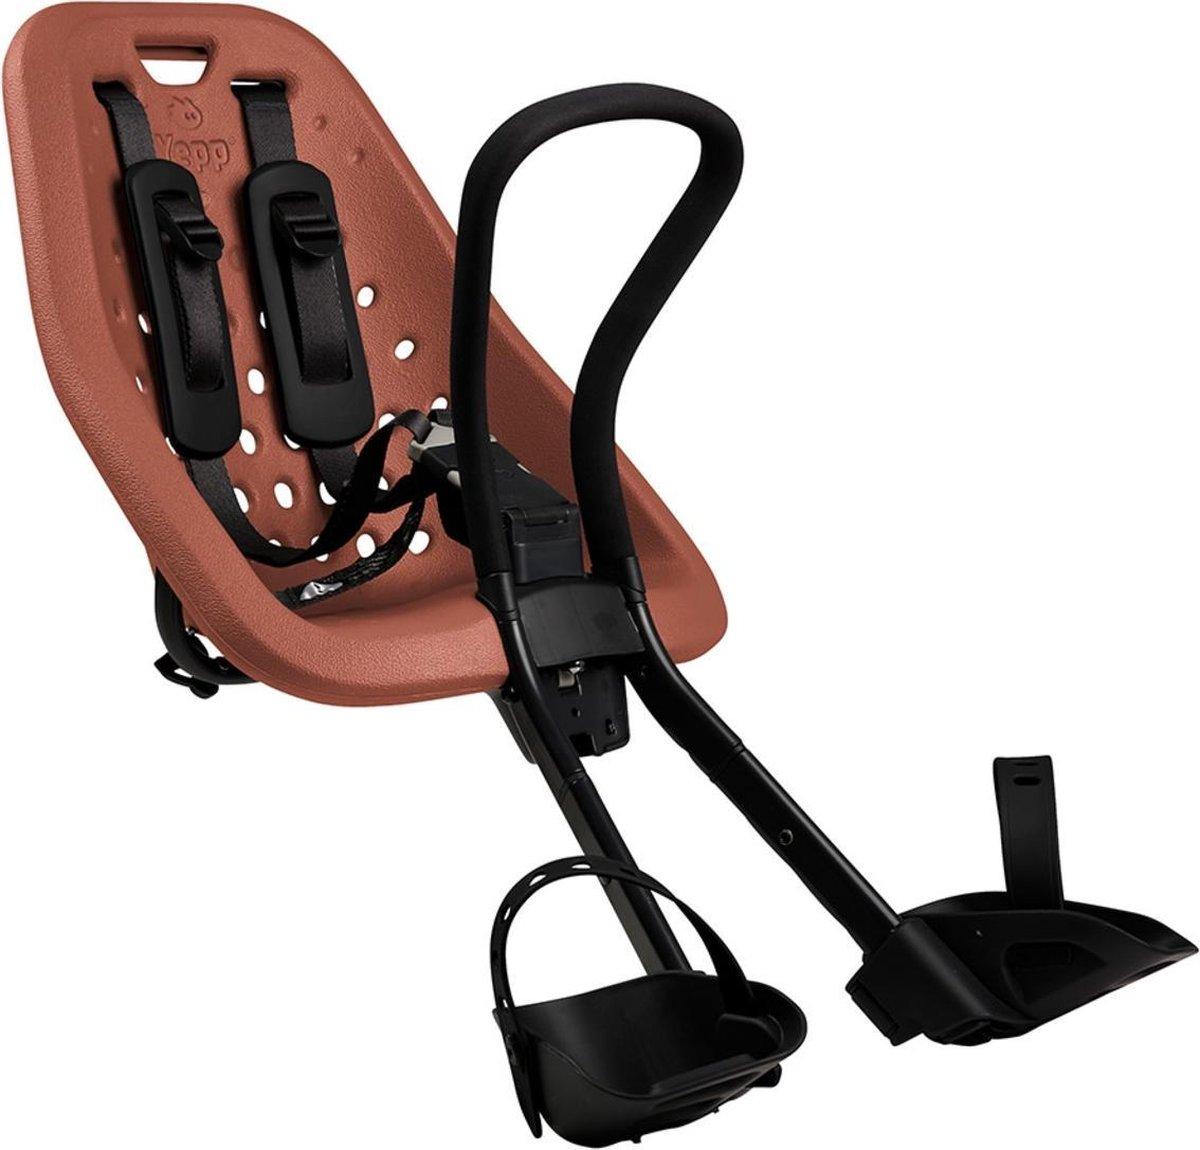 Thule Yepp Mini Fietsstoeltje Voor Stuur - Bruin